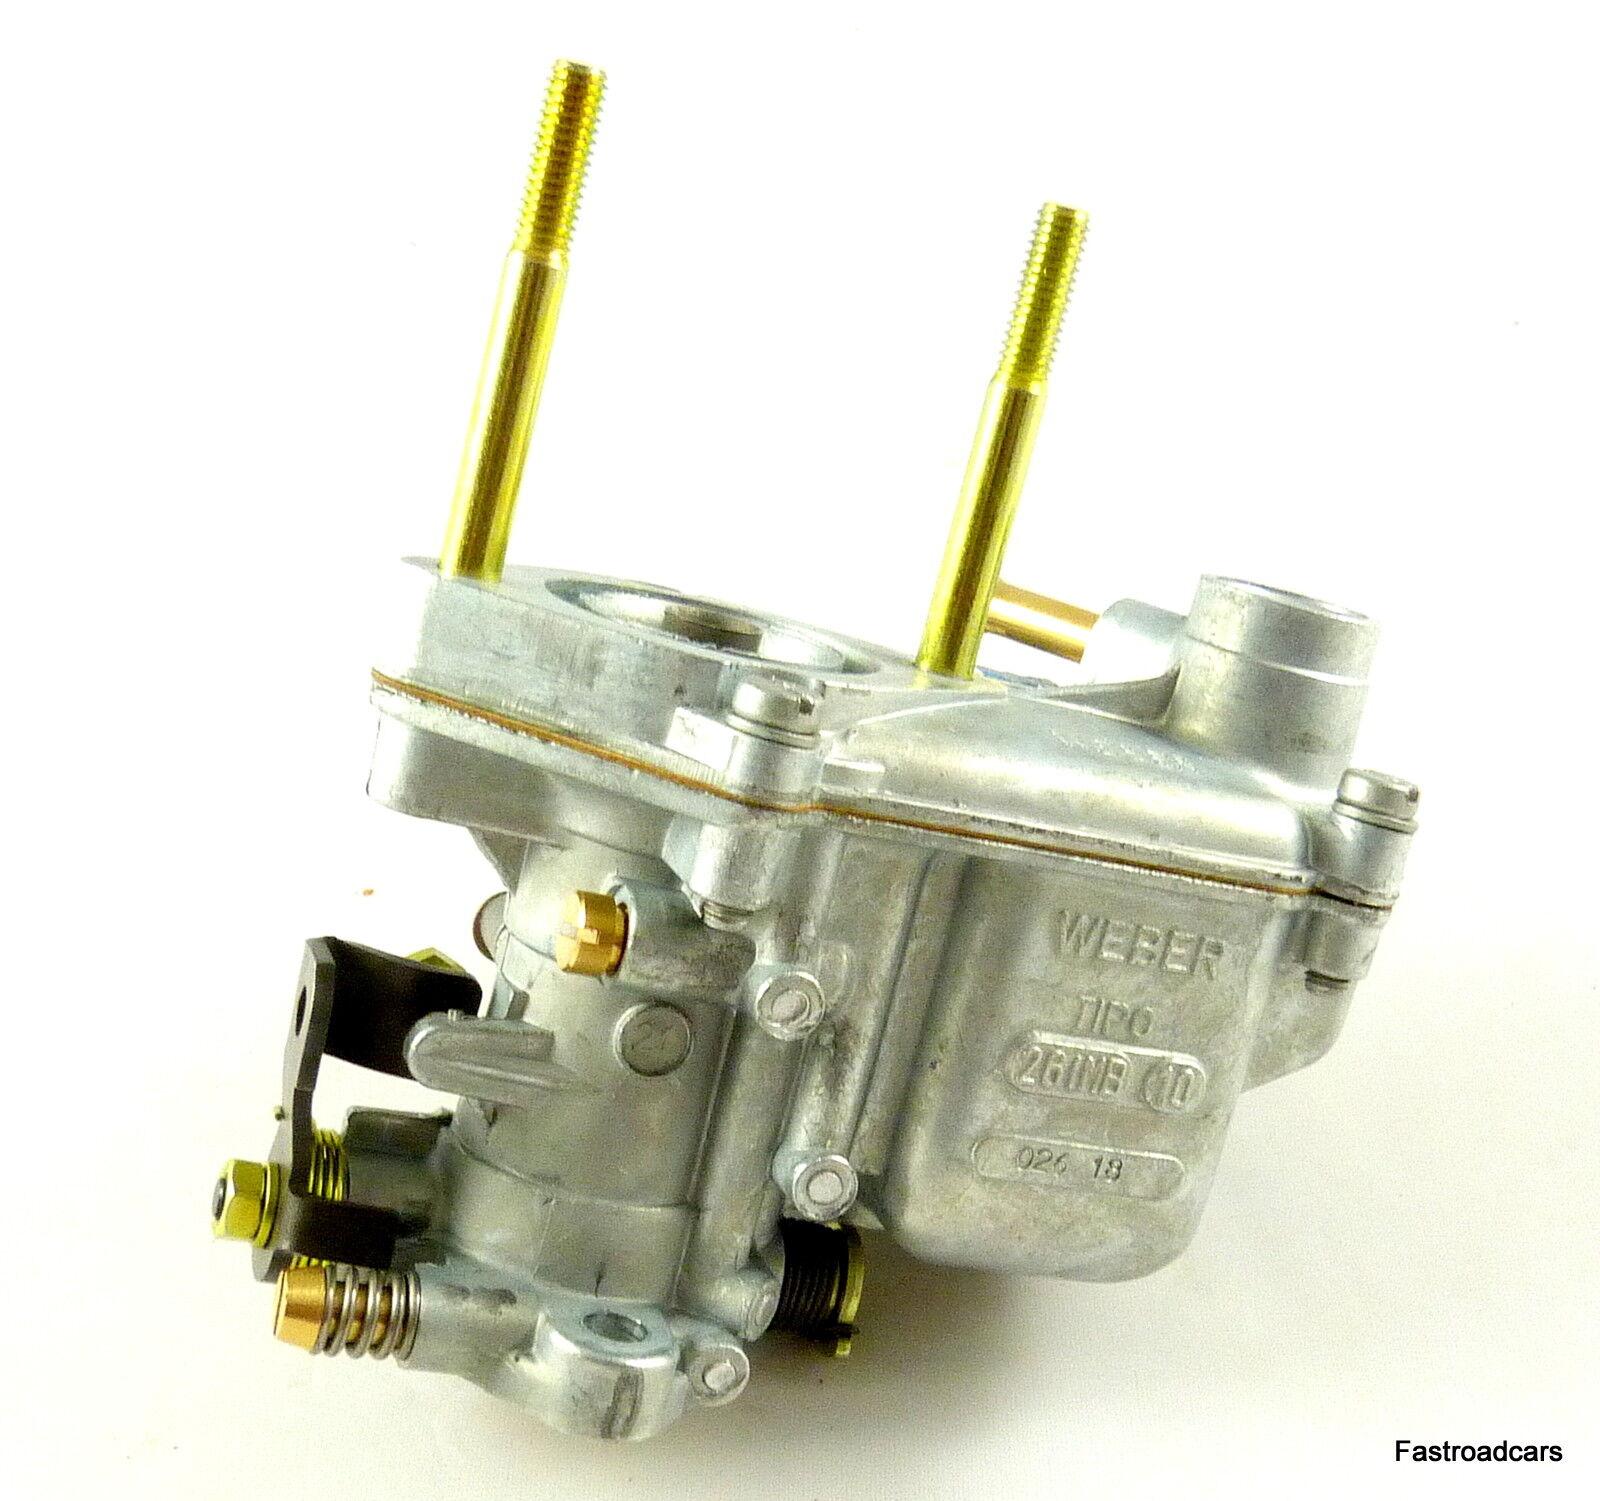 Weber 28 Imb Carburettor Service Kit Fiat 126 Personal Car Carburettors Parts Car Parts